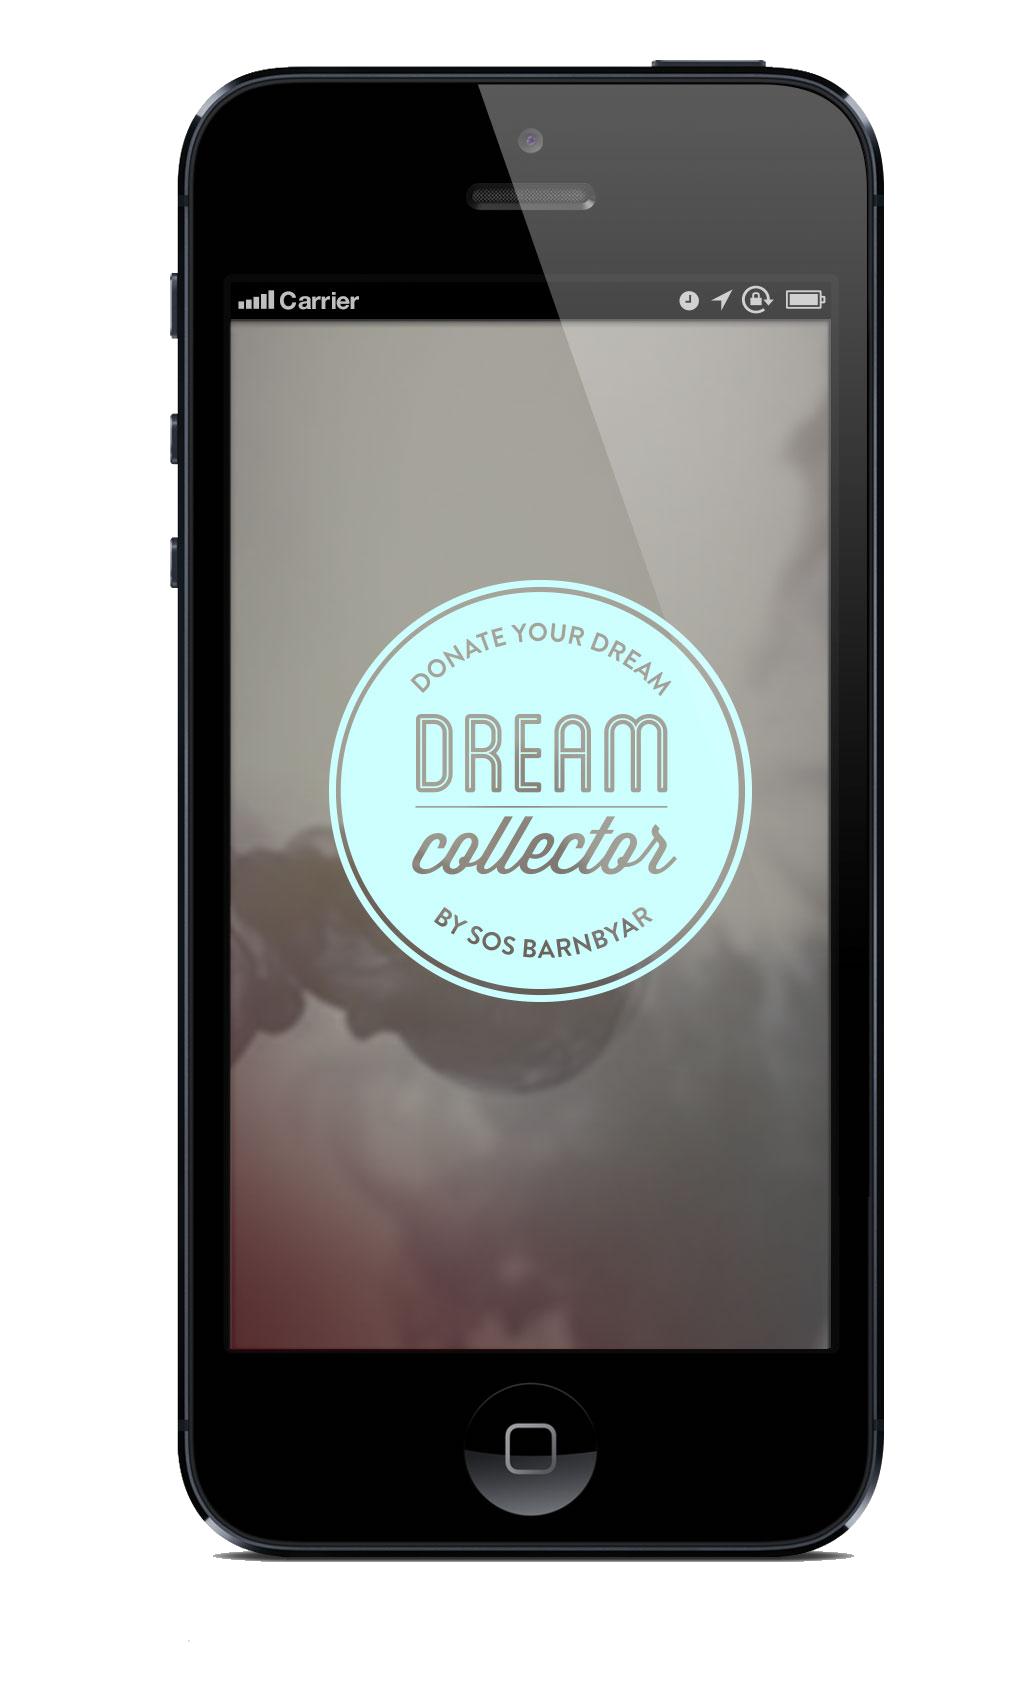 dream_app_1.png